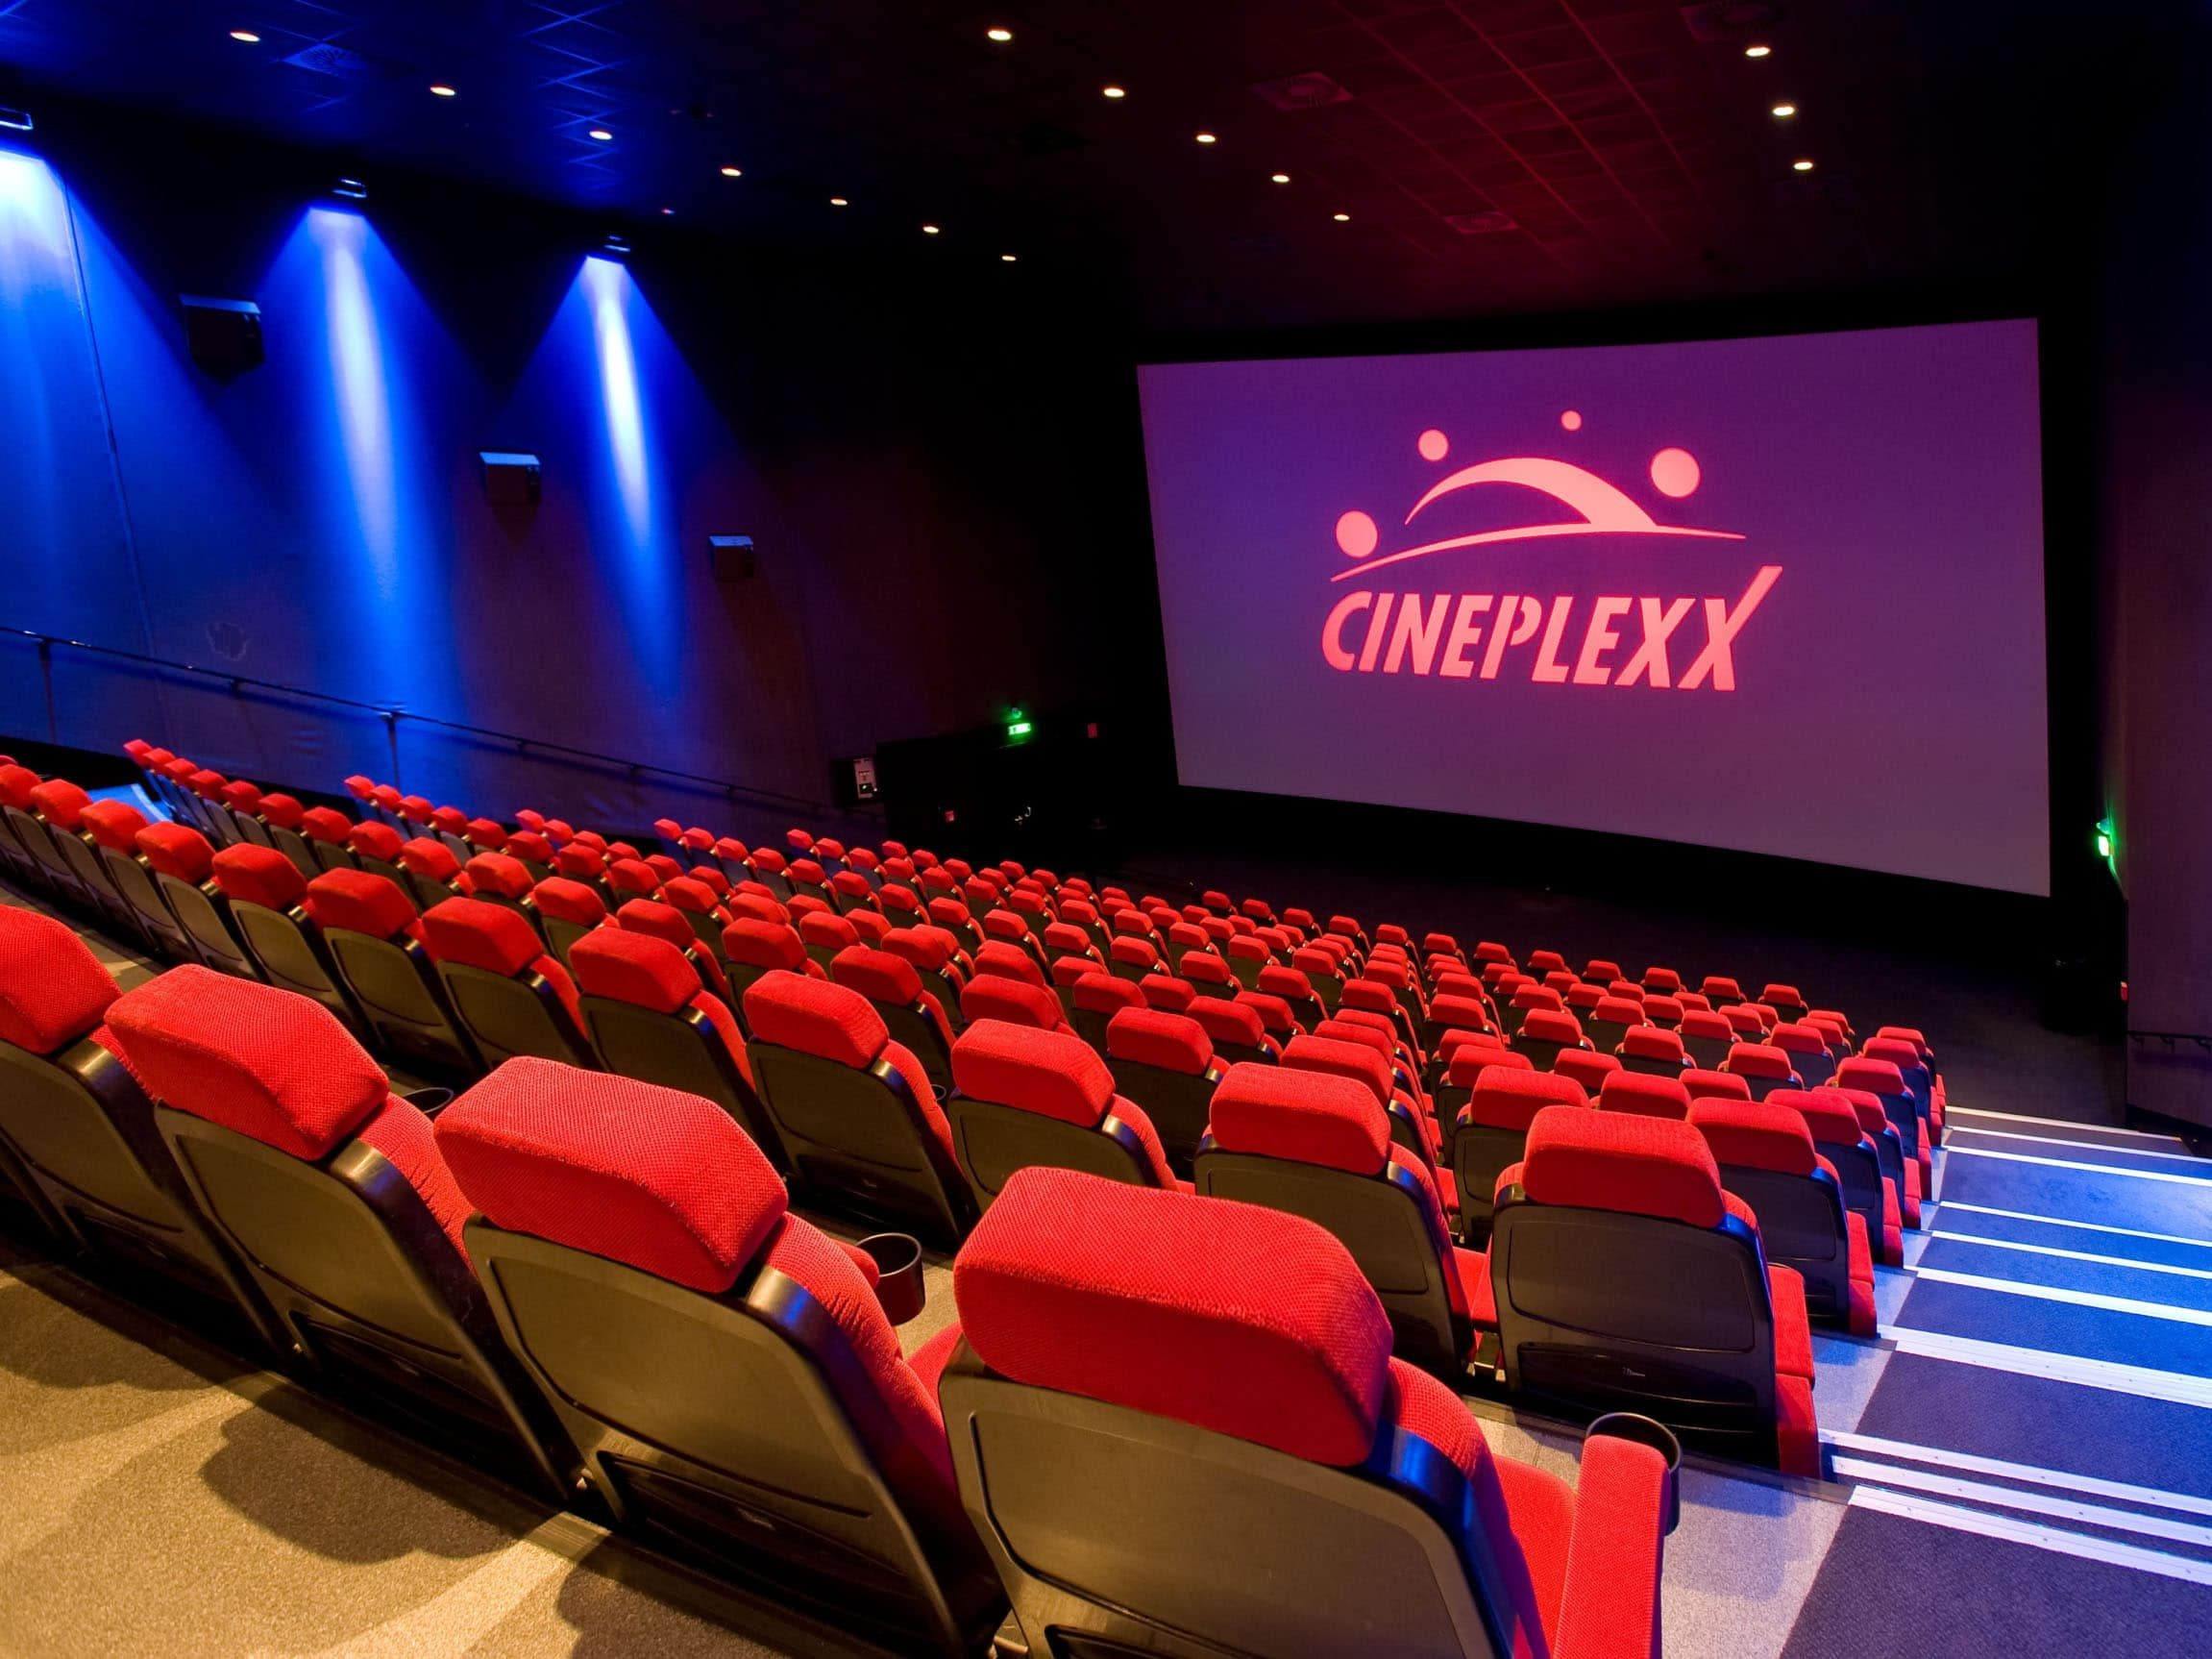 Cineplexx Kino